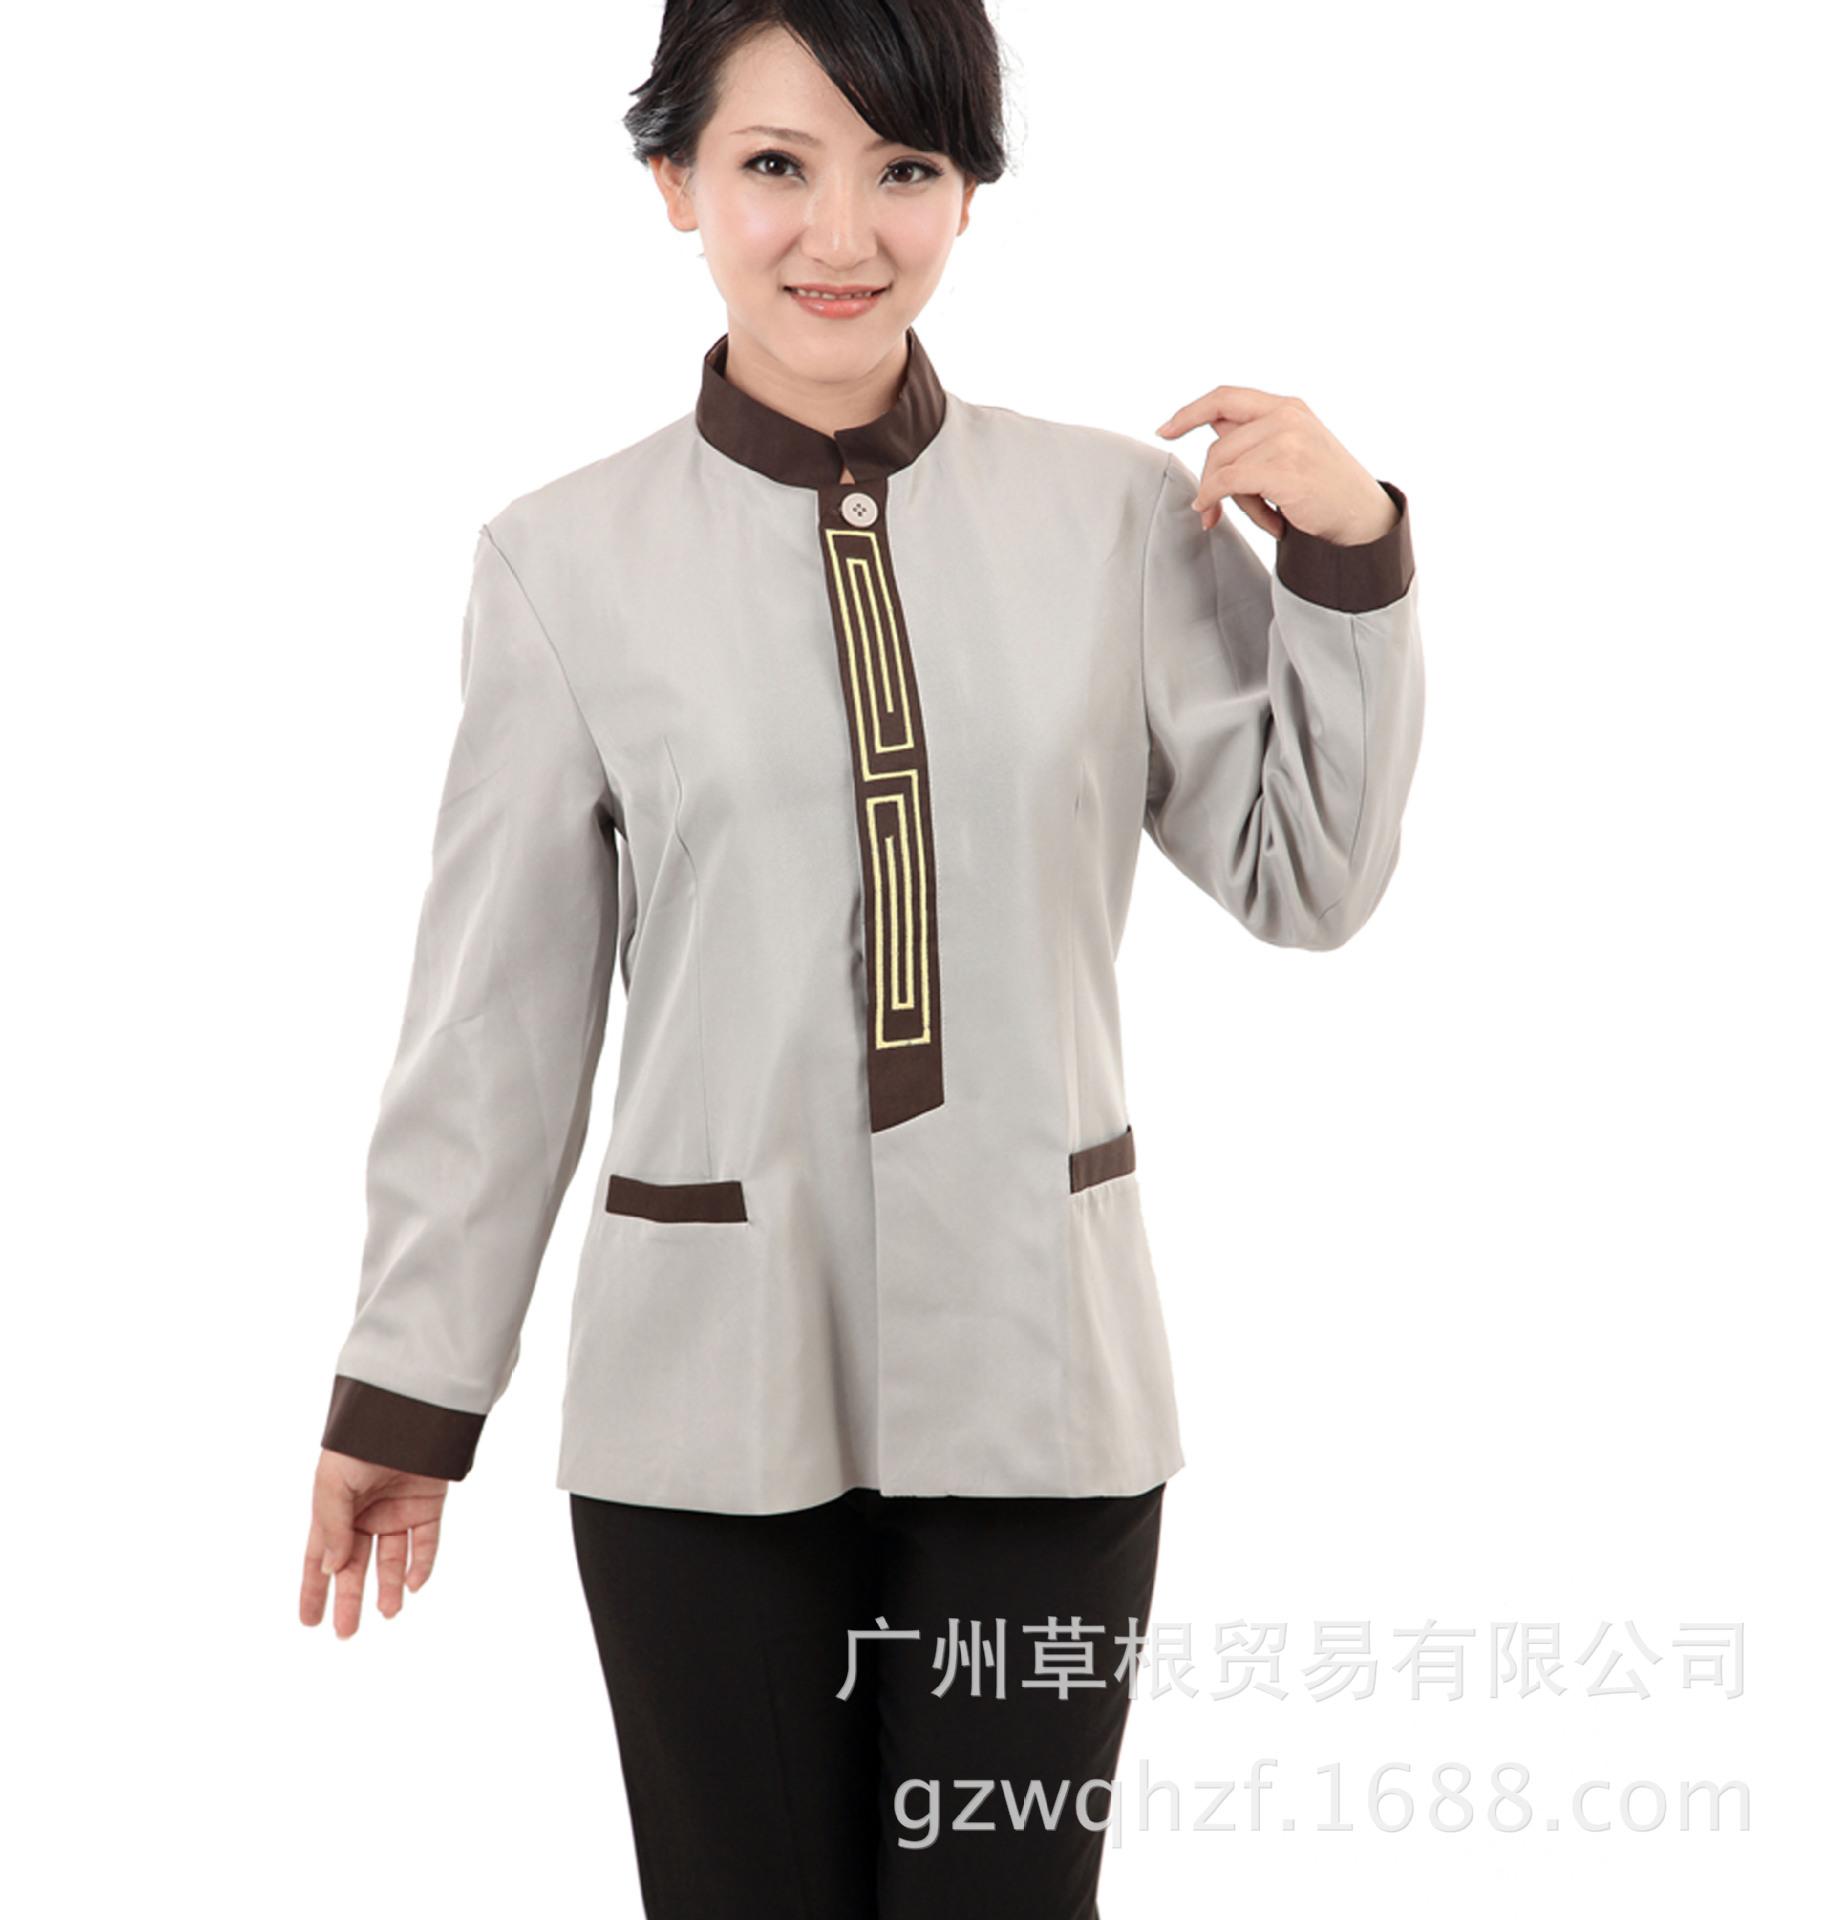 广州保洁服 清洁服生产 保洁服厂家 物业保洁服清洁套装定做